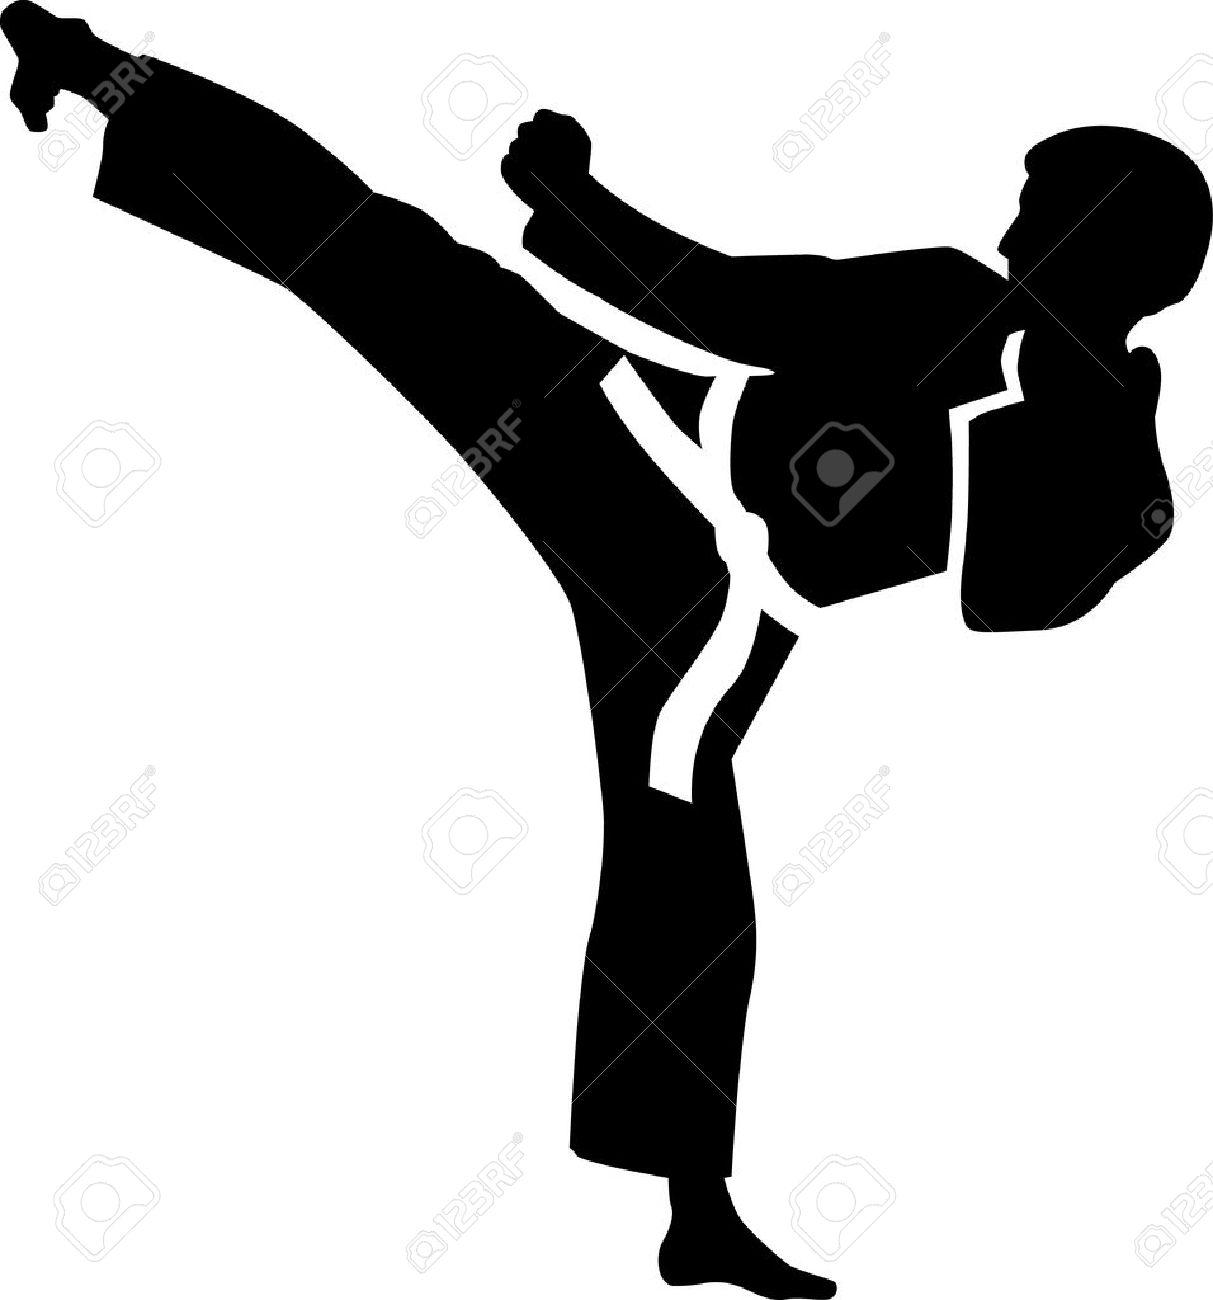 Taekwondo Stock Photos Royalty Free Taekwondo Images